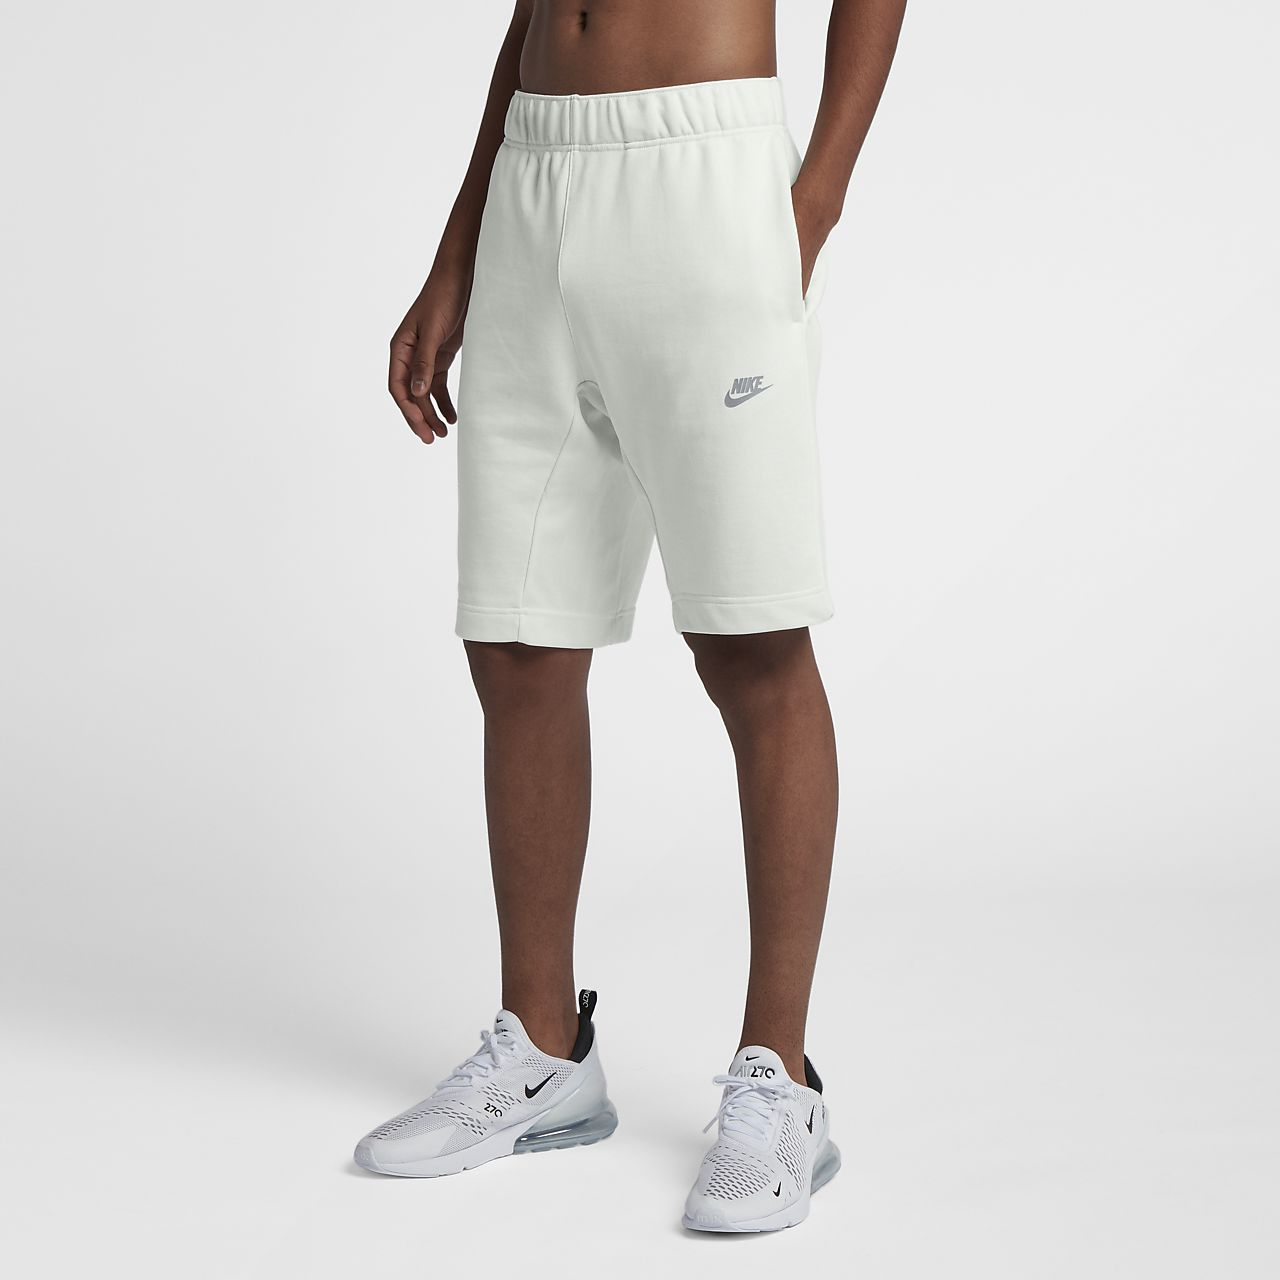 Nike Air Max férfi rövidnadrág